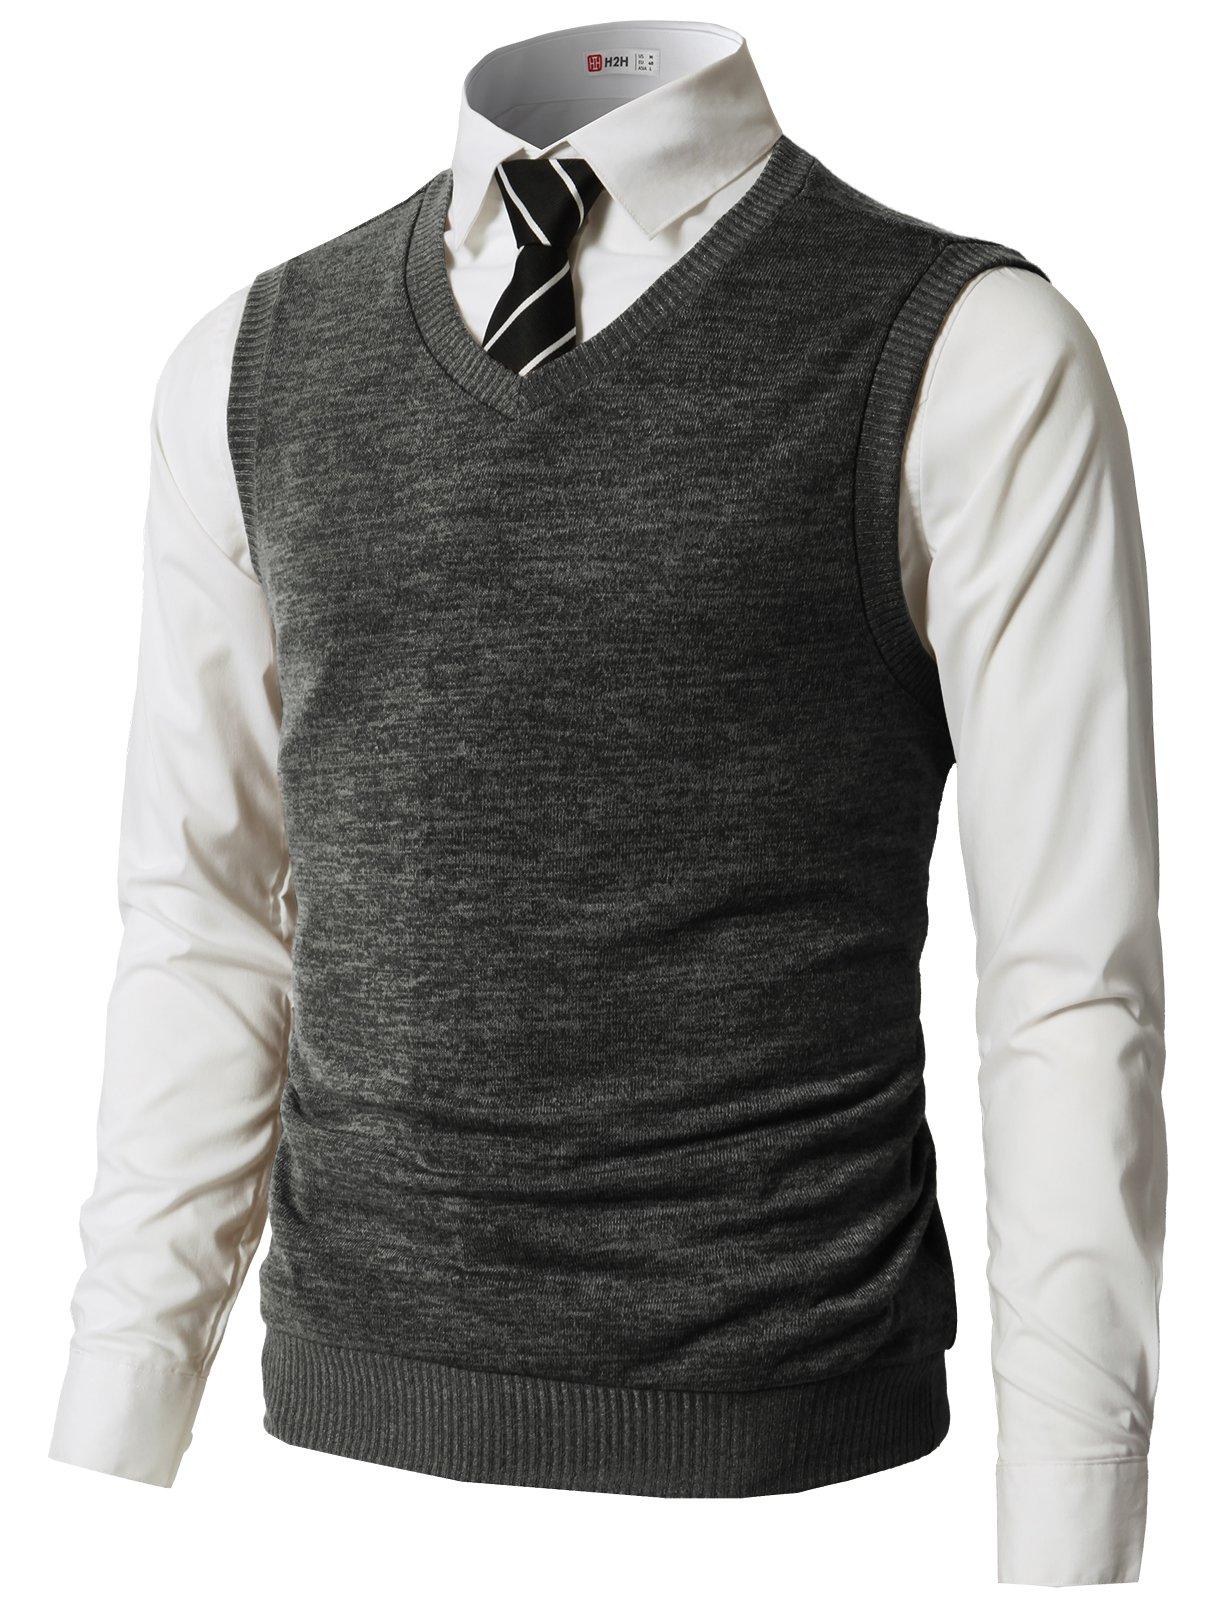 H2H Men's Heather Diamond-Texture Stitch V-Neck Vest Charcoal US L/Asia XL (CMOV042)